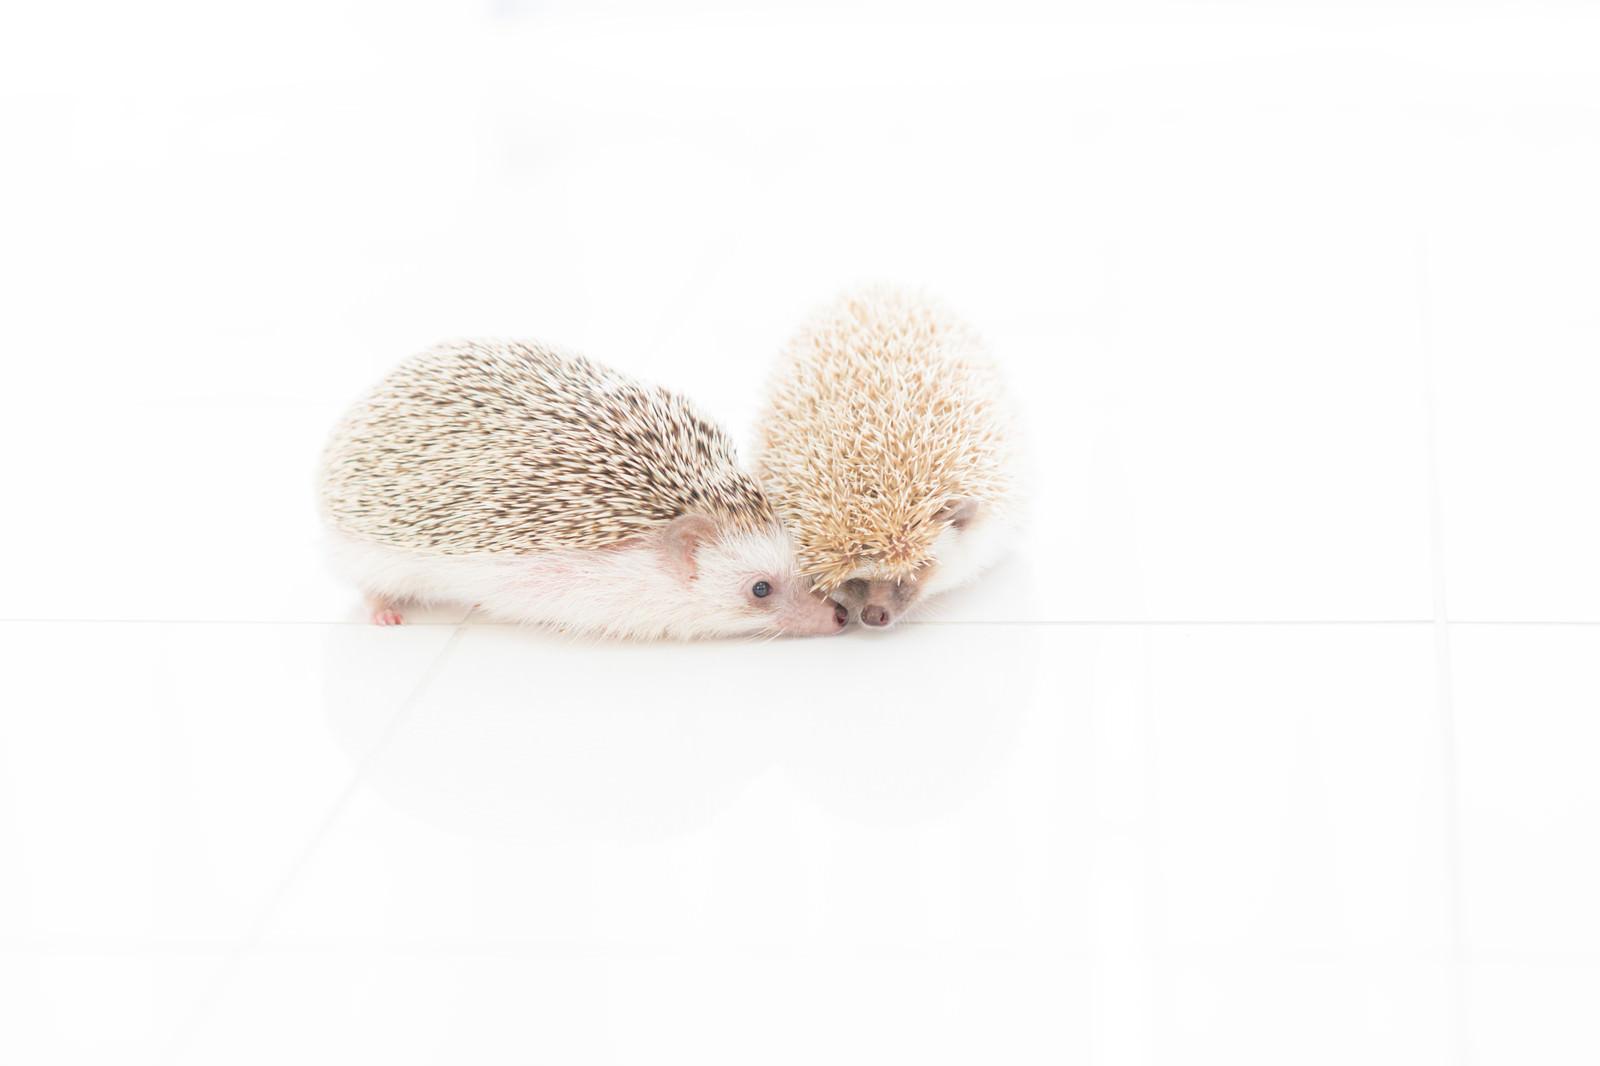 「ねぇ、チュウしてよーと求愛するハリネズミ」の写真